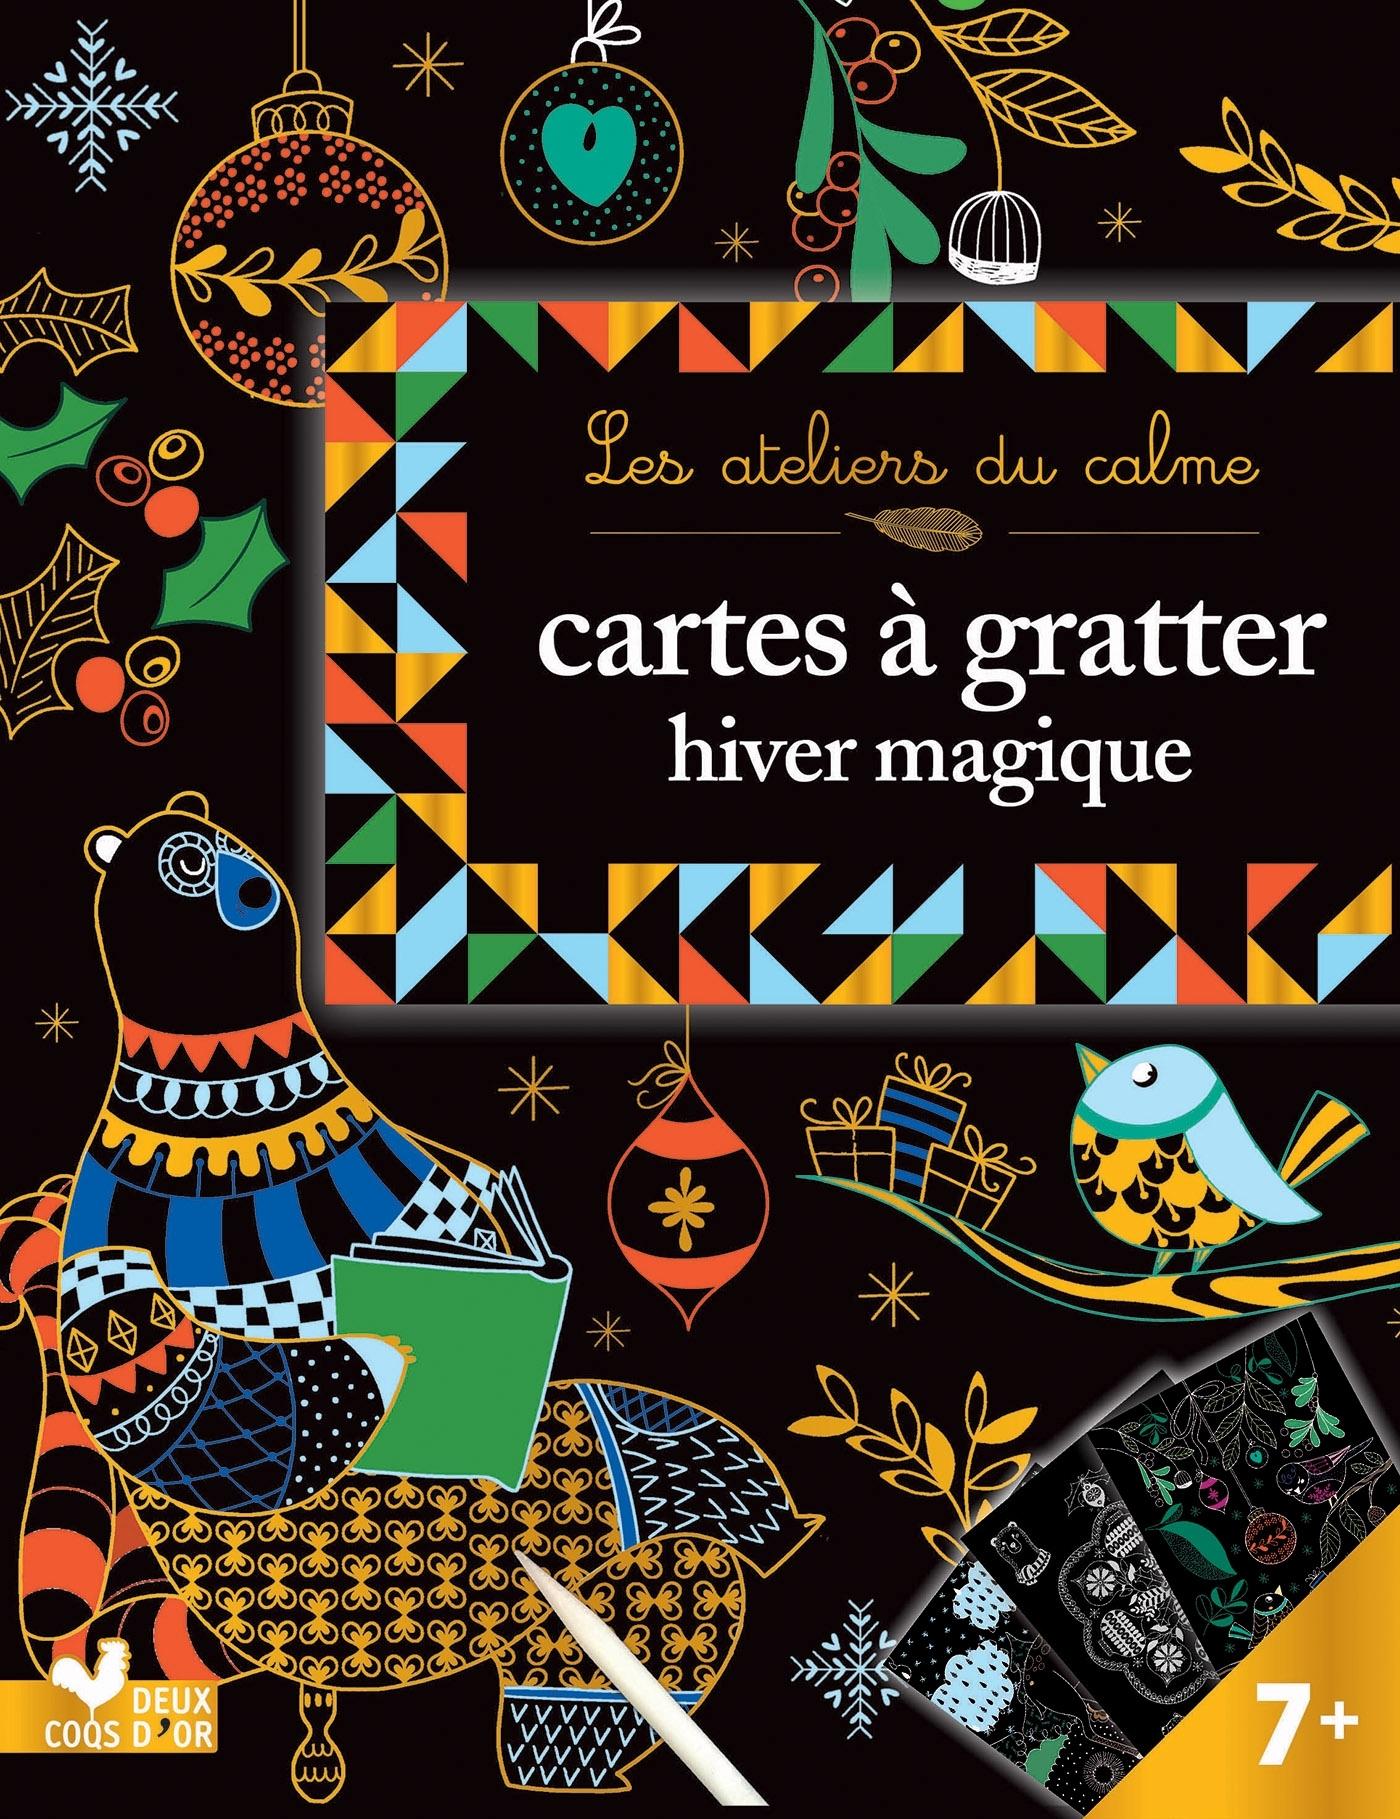 CARTES A GRATTER - HIVER MAGIQUE